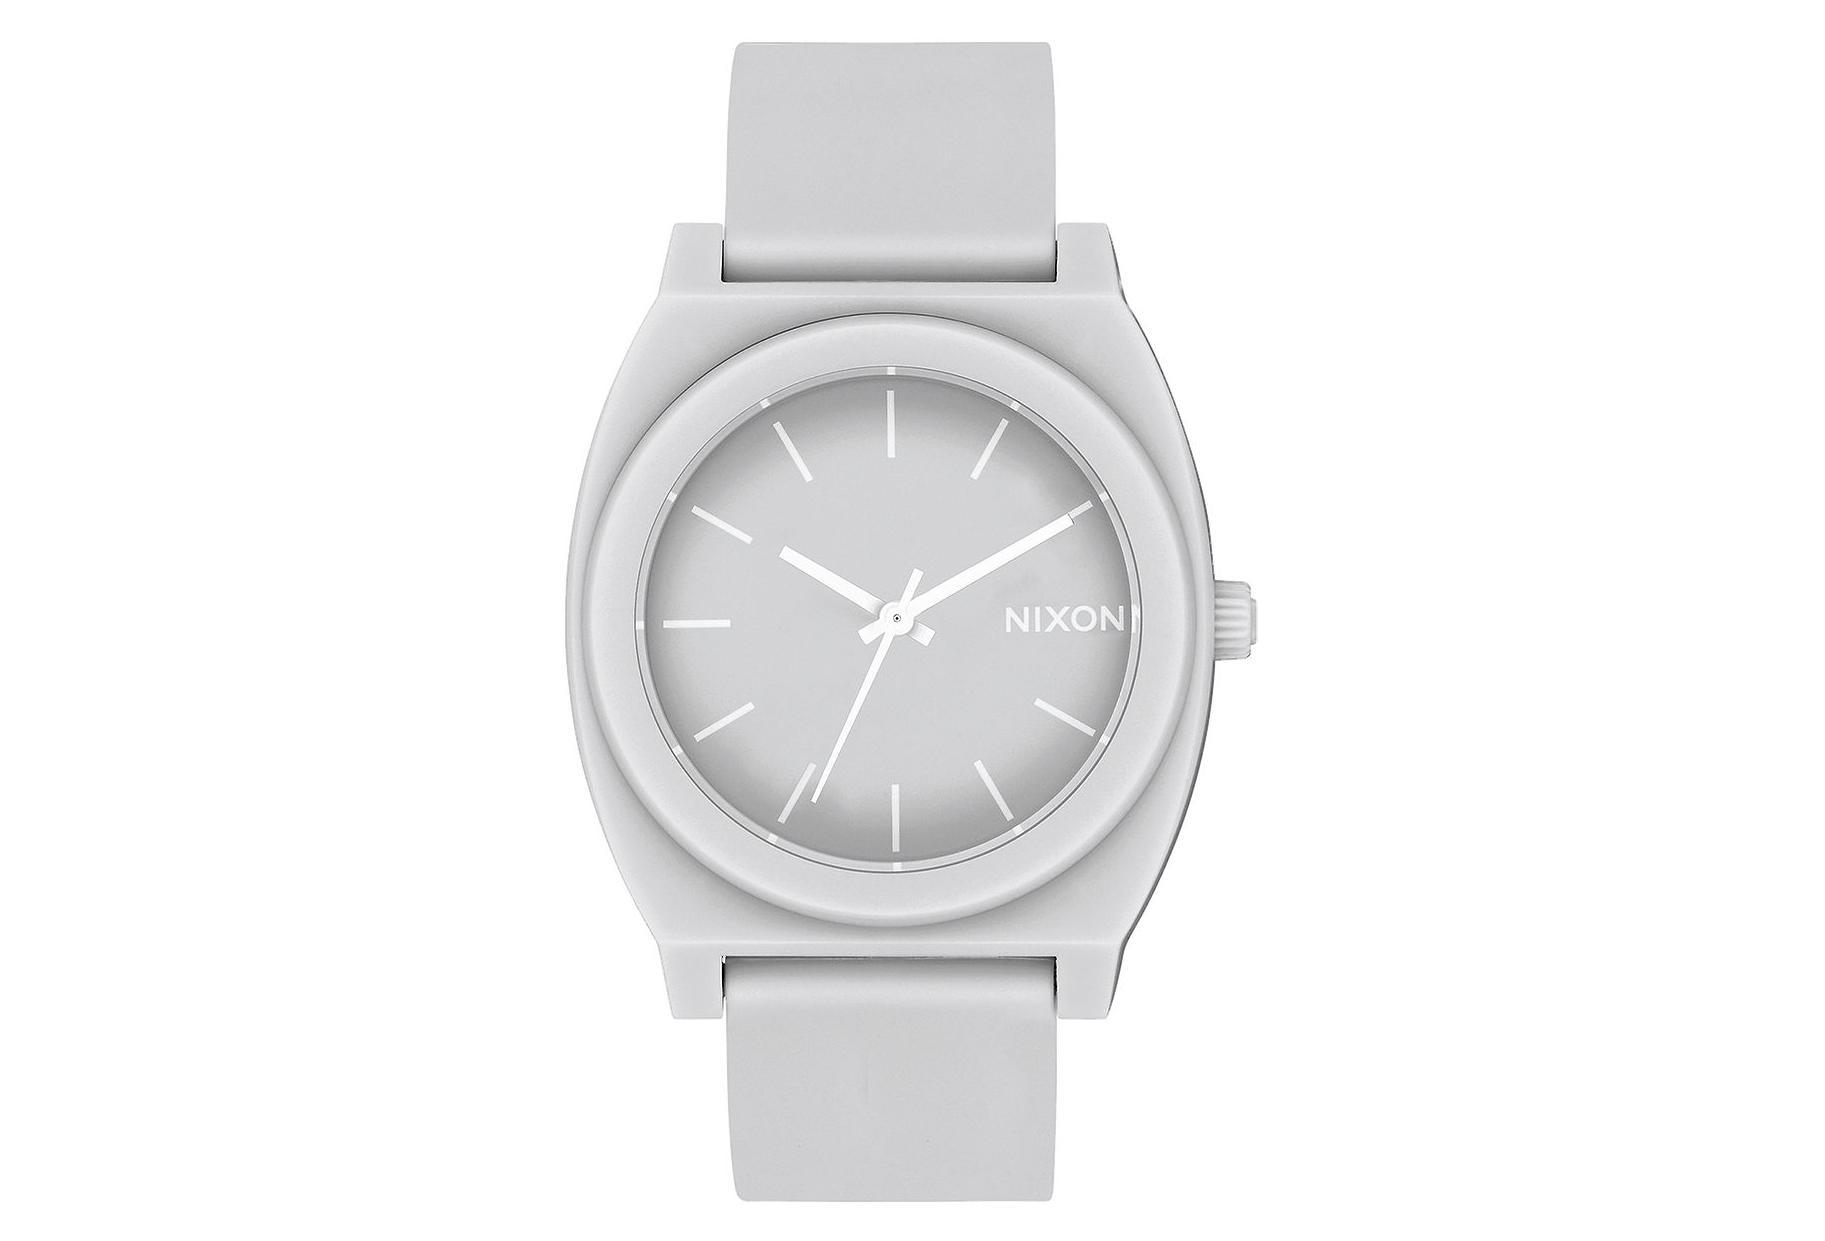 ff7d1cecbbde Nixon Time Teller P Reloj mate Cool Gray